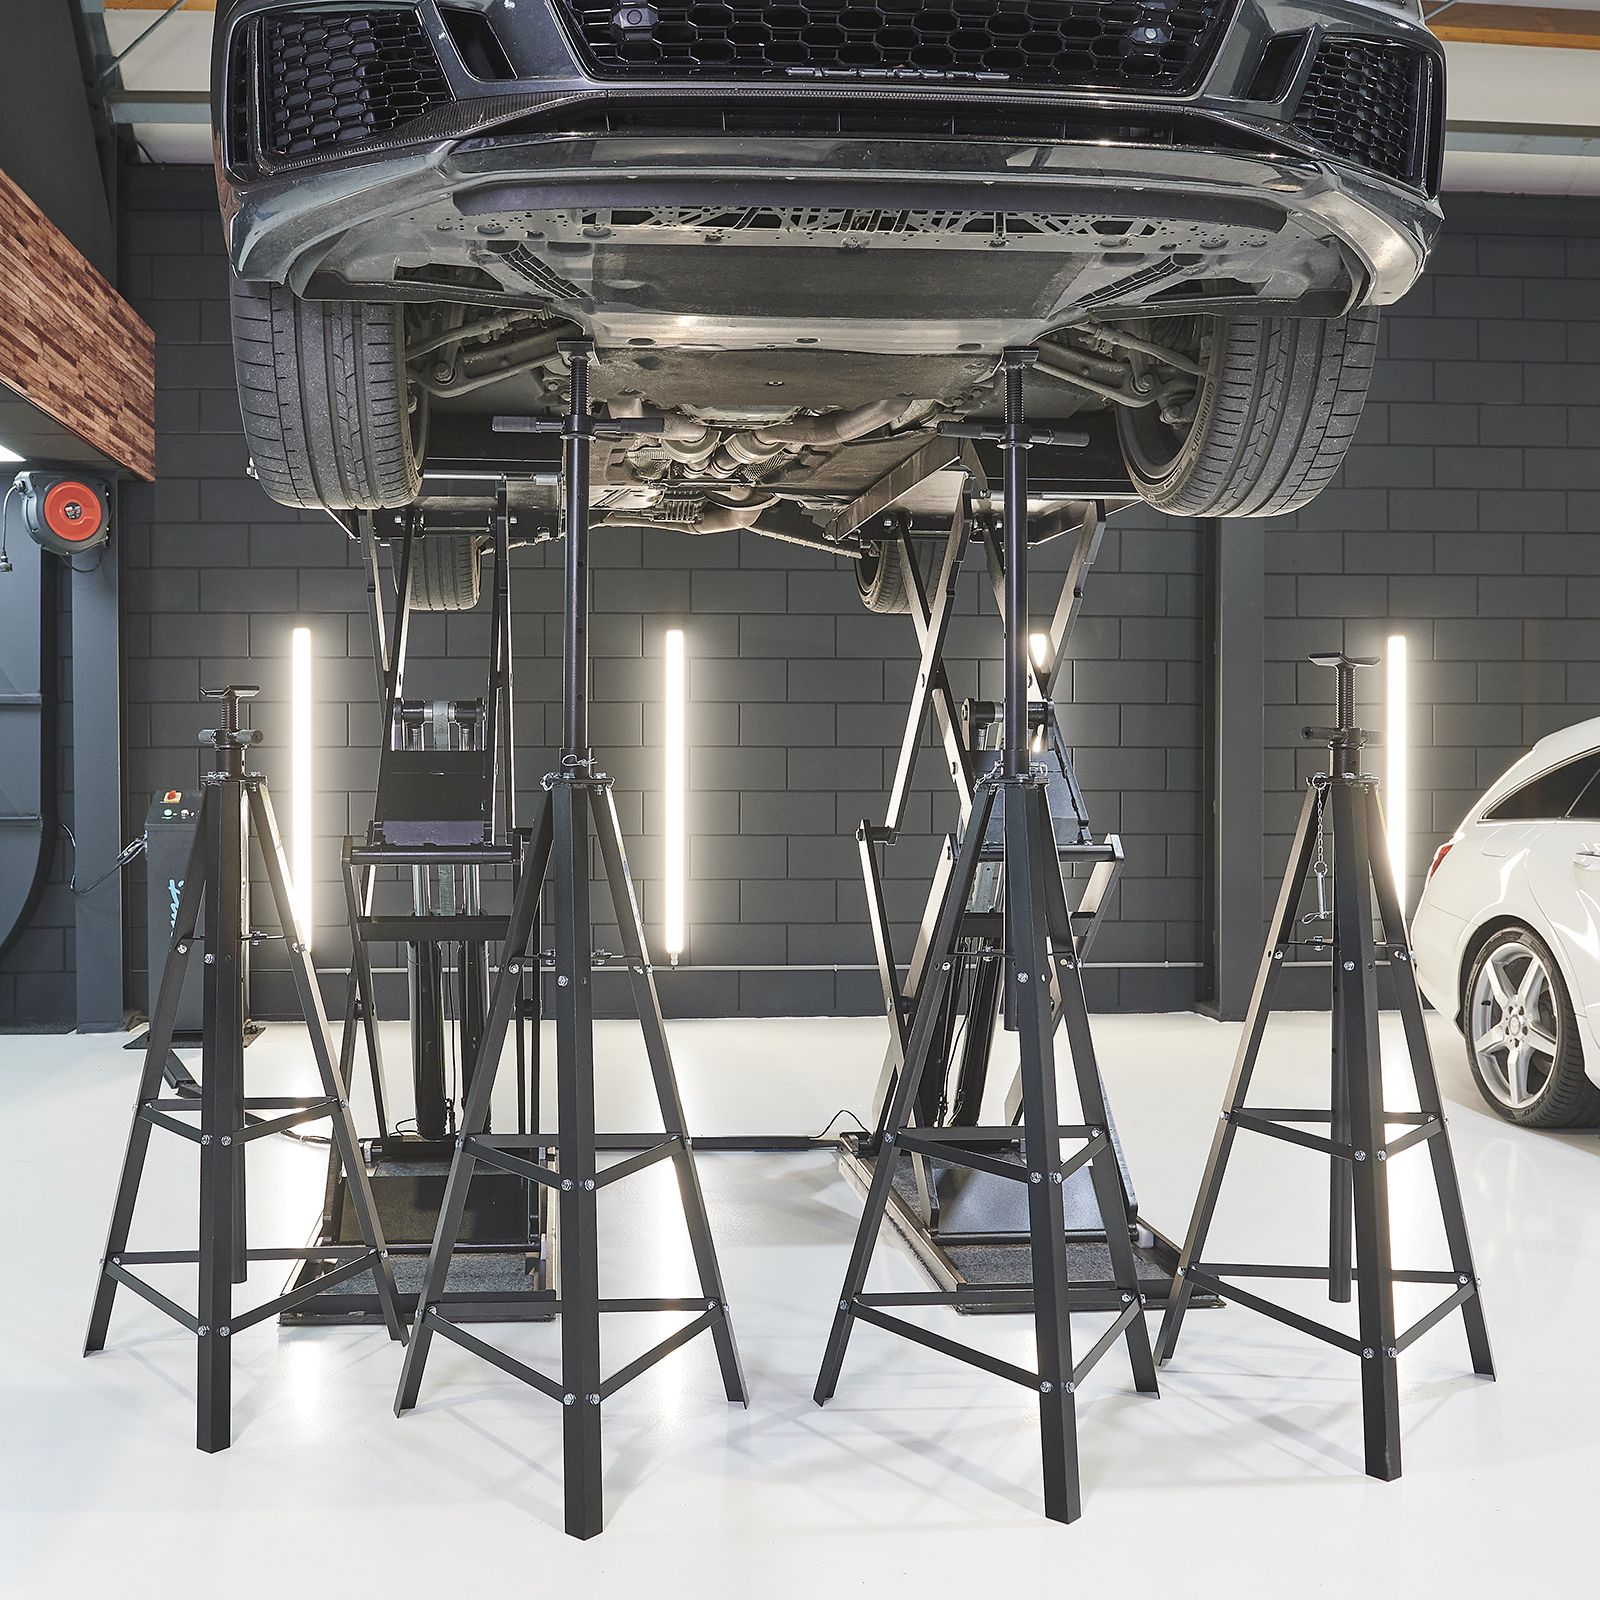 Vier hoge assteunen onder voertuig